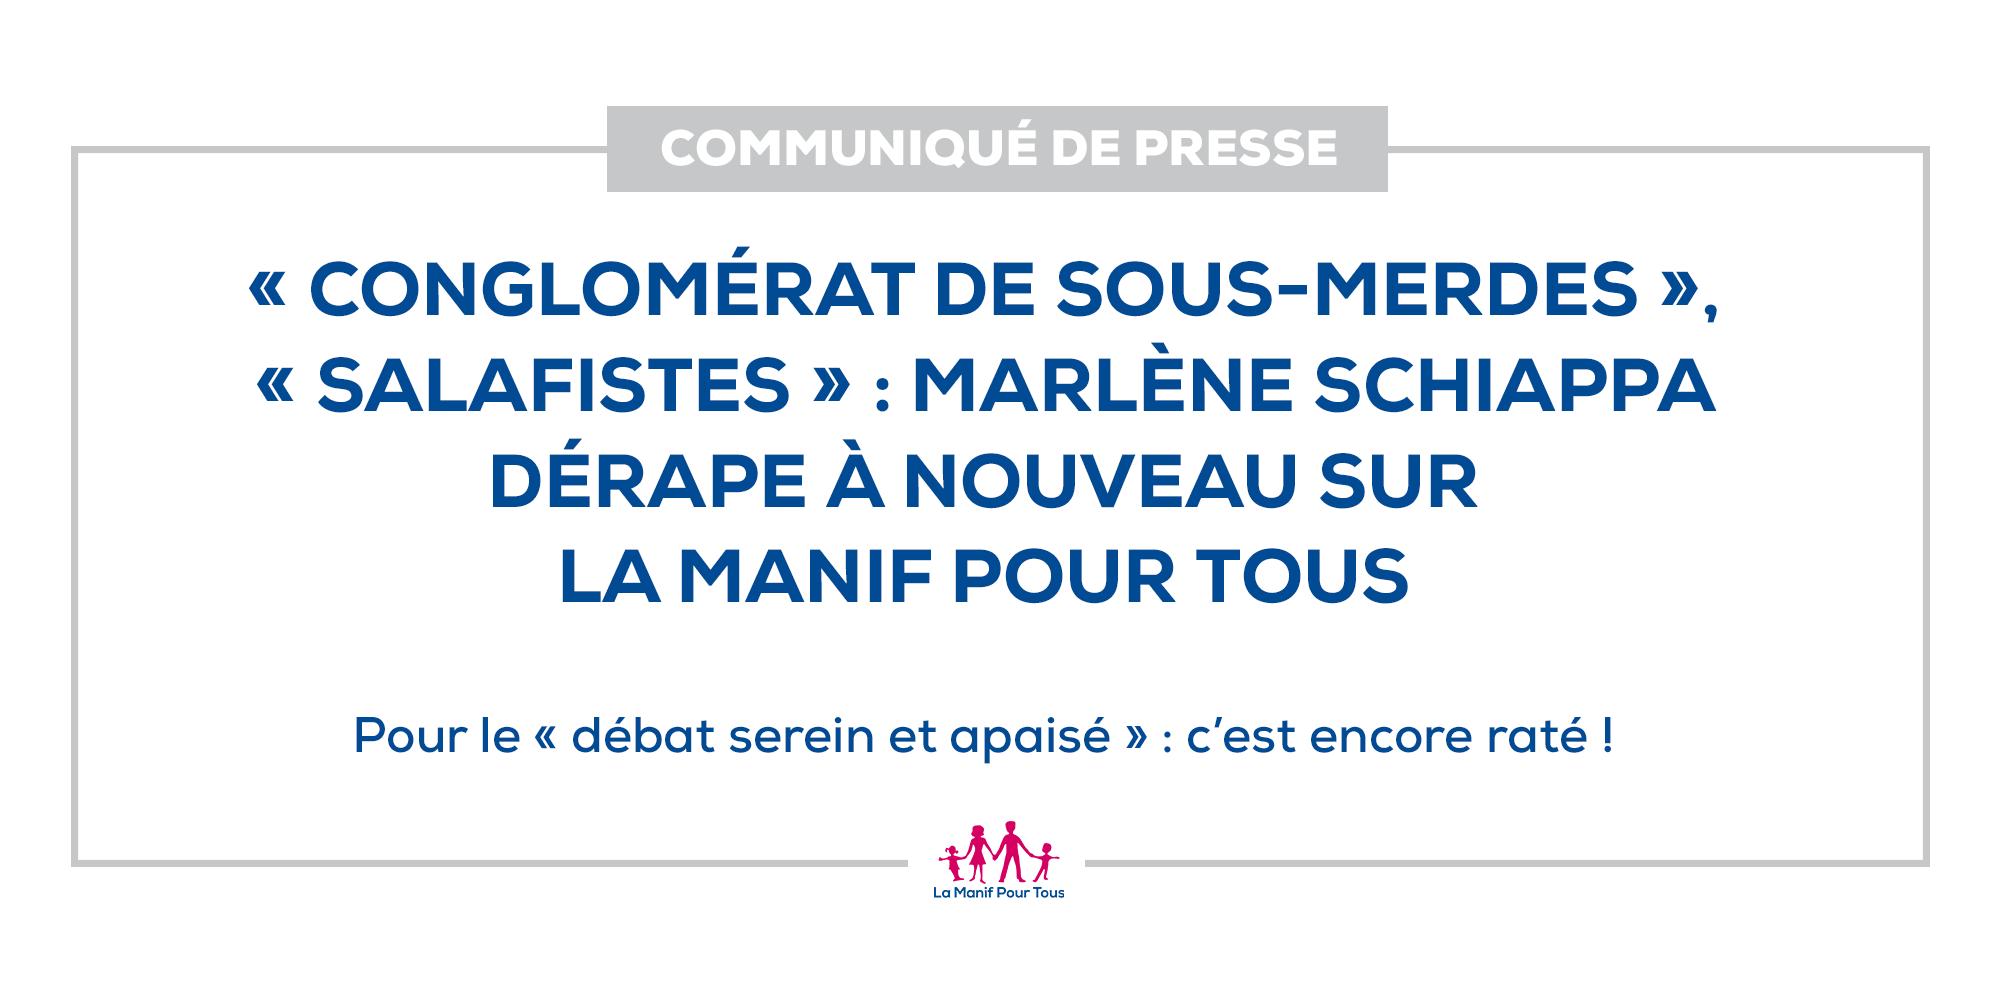 Image - « Conglomérat de sous-merdes », « salafistes » : Marlène Schiappa dérape à nouveau sur La Manif Pour Tous